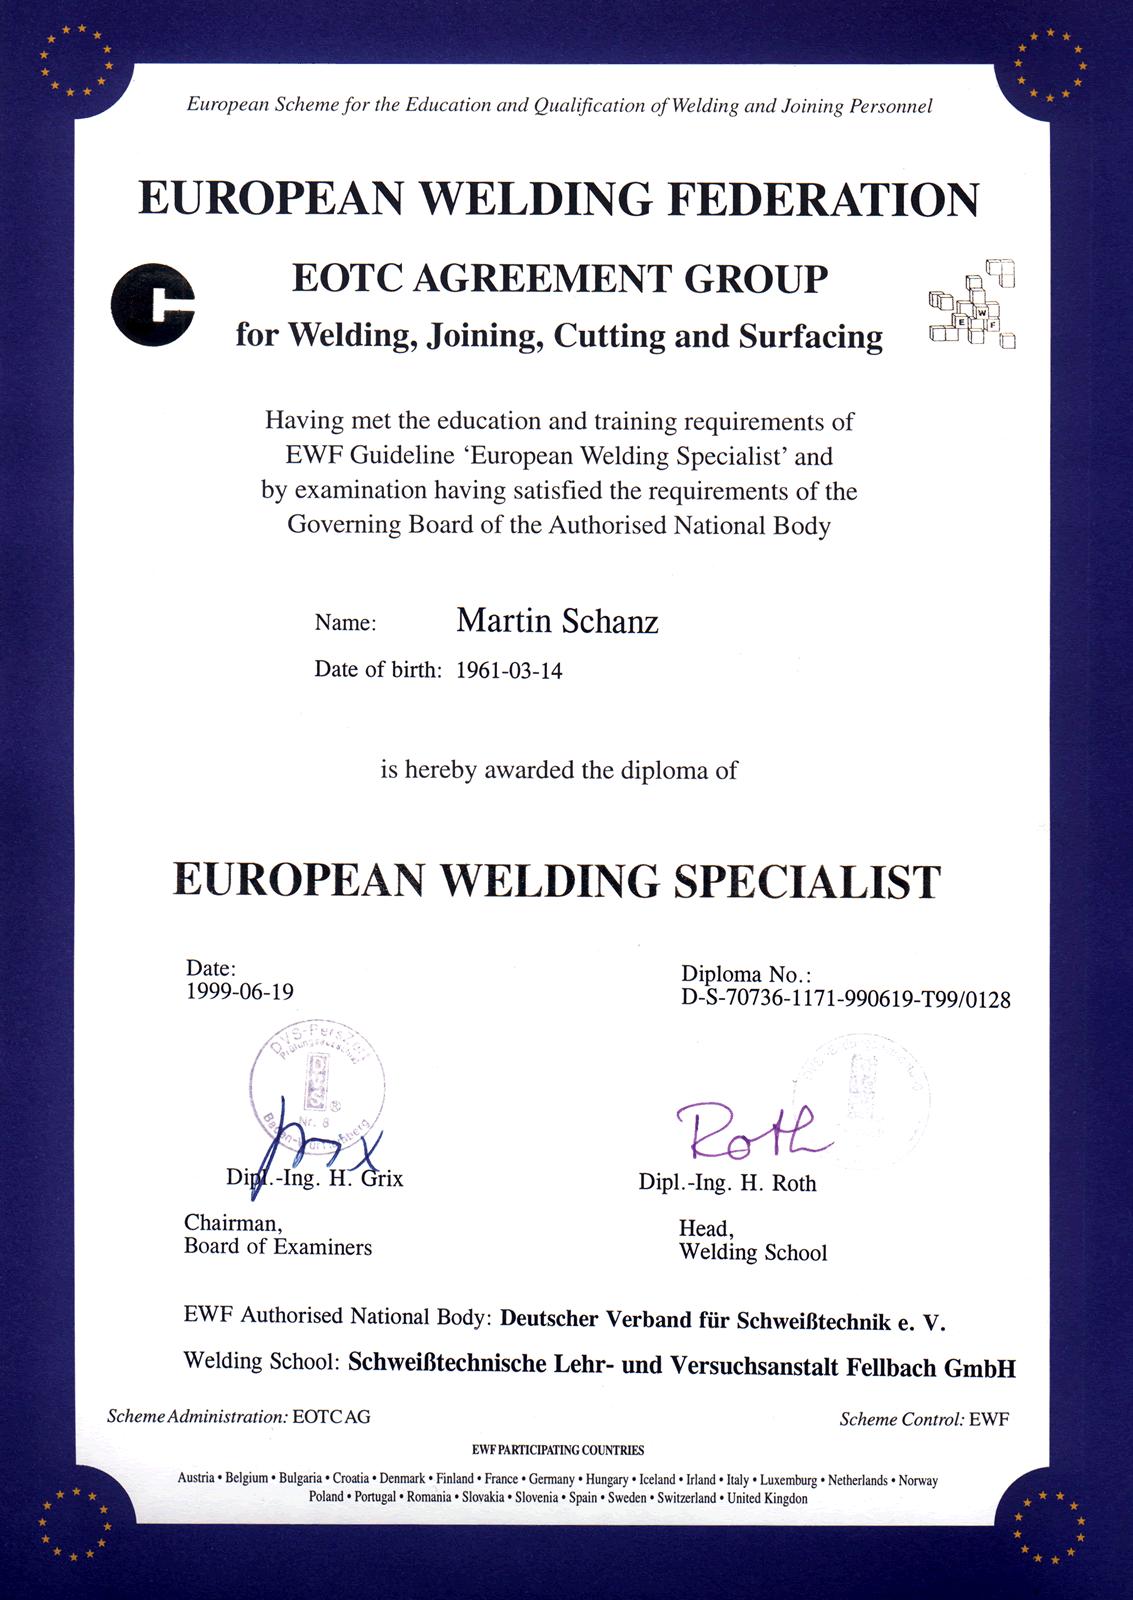 Zertifikat European Welding Specialist